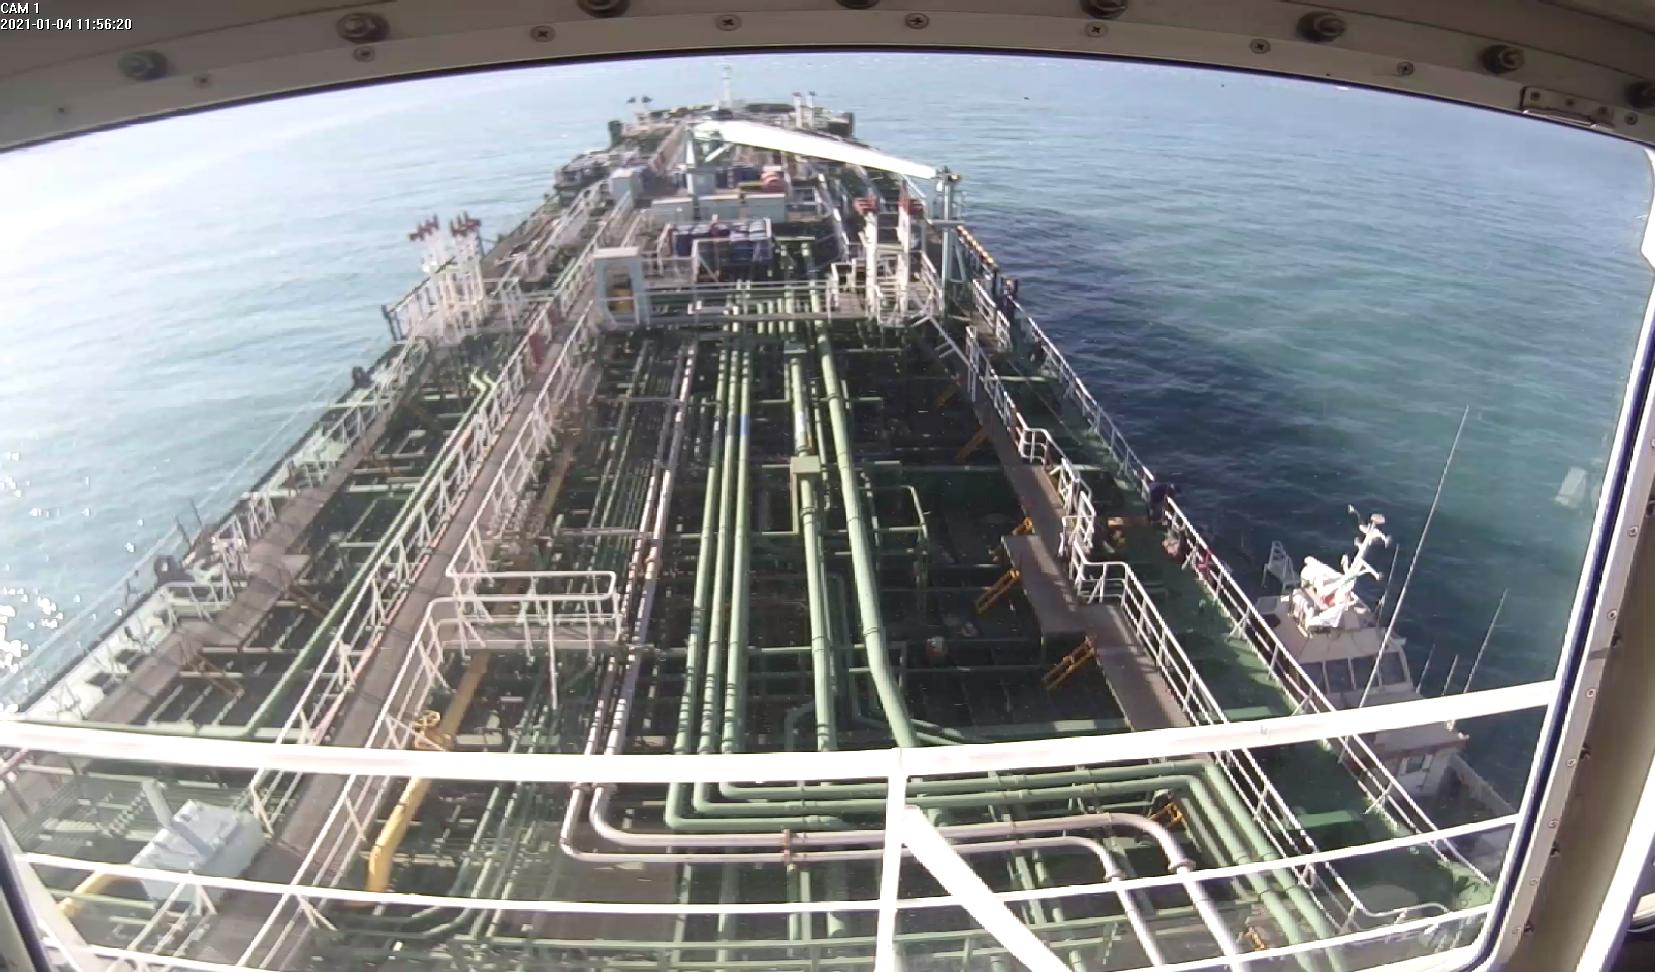 한국 선박 '한국케미'가 지난 4일 오전 10시30분(현지시각) 이란 혁명수비대에 나포될 당시 모습. 오른쪽에 작은 배가 이란 혁명수비대가 탄 선박. 황선윤 기자